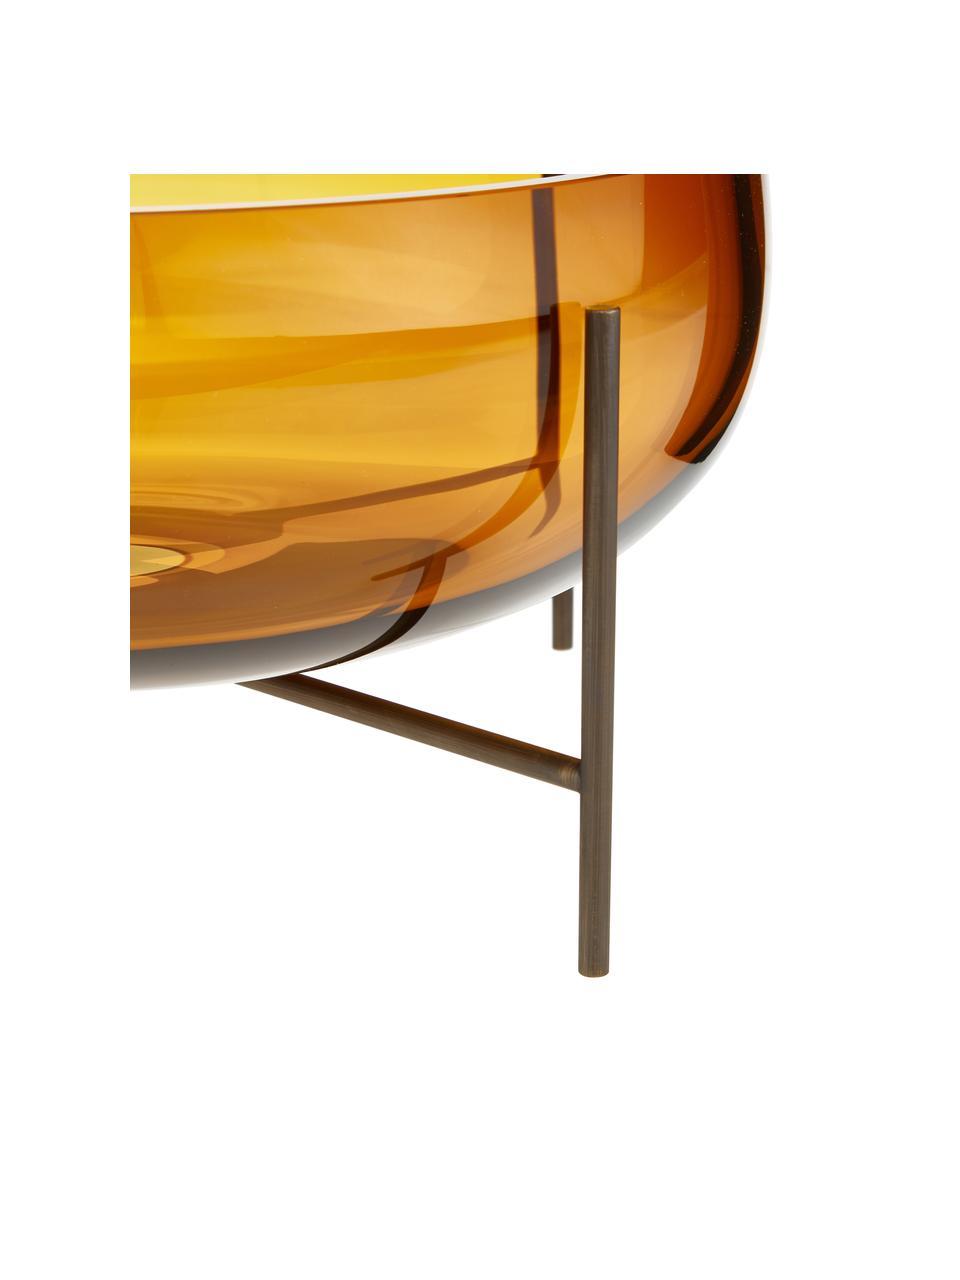 Schale Échasse, Vase: Glas, mundgeblasen, Gestell: Messing, Braun, Bronze, Ø 30 x H 14 cm